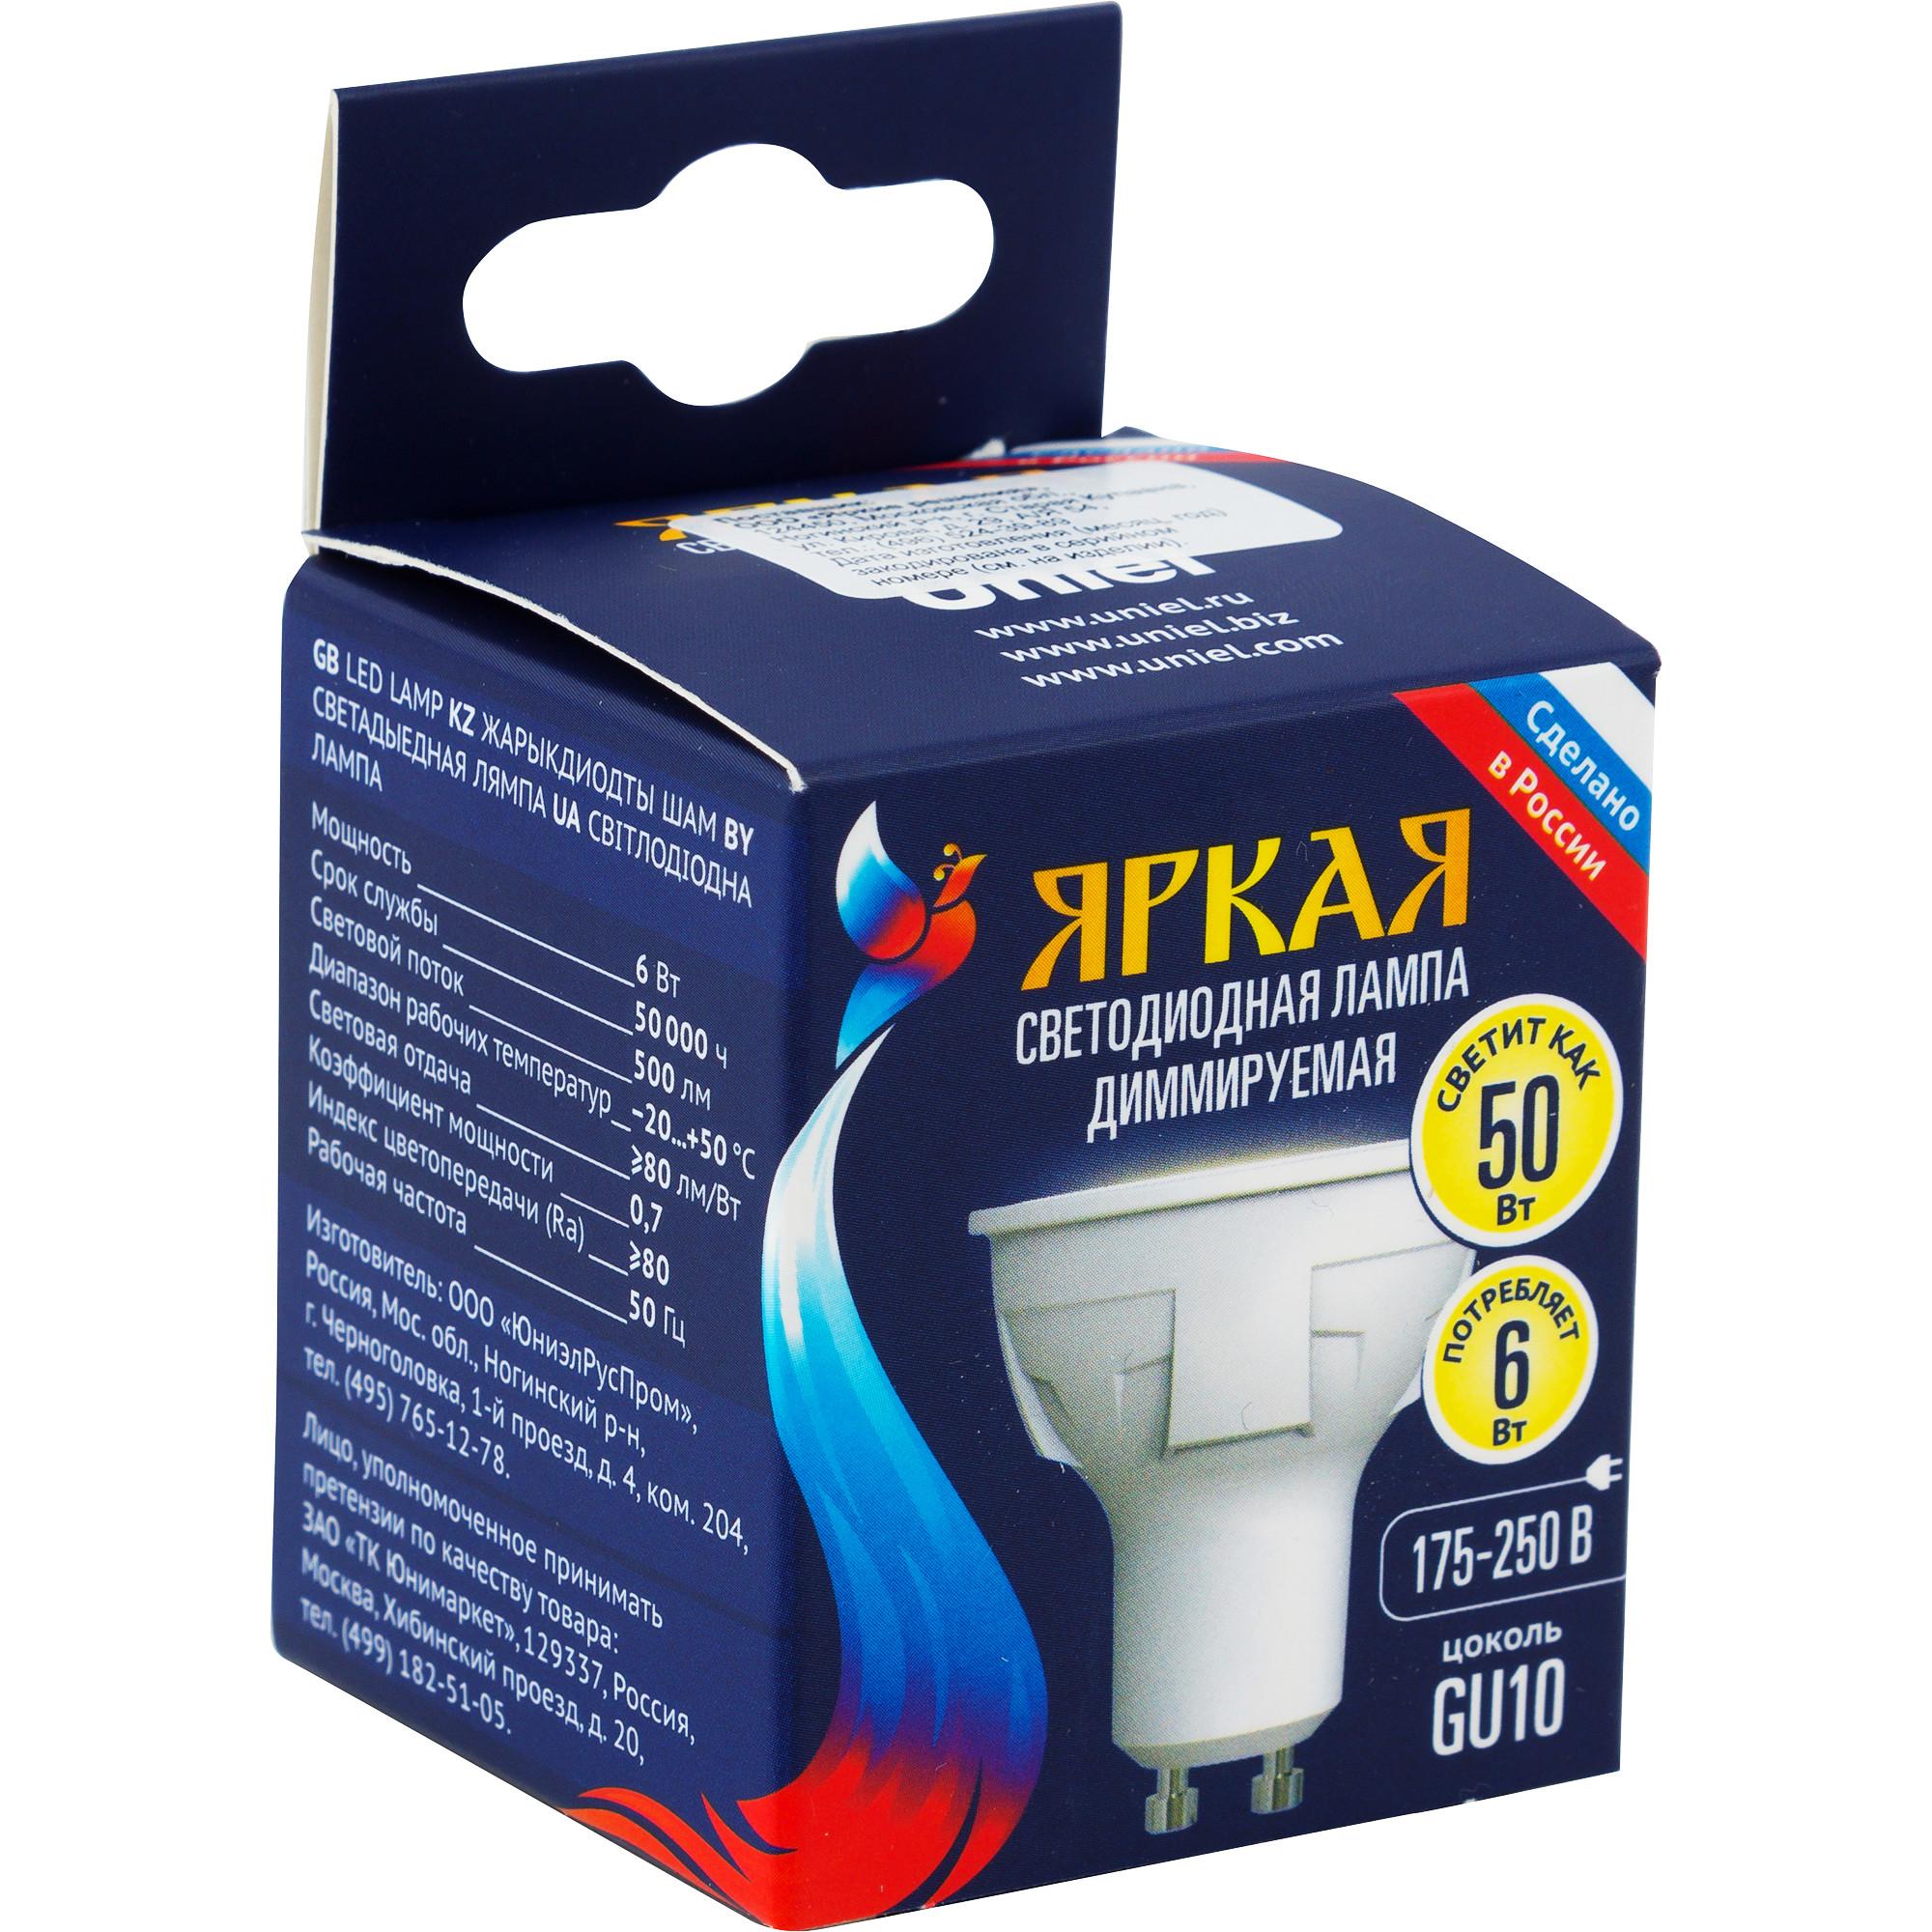 Лампа светодиодная яркая GU10 230 В 6 Вт 500 Лм 3000 К свет тёплый белый для диммера